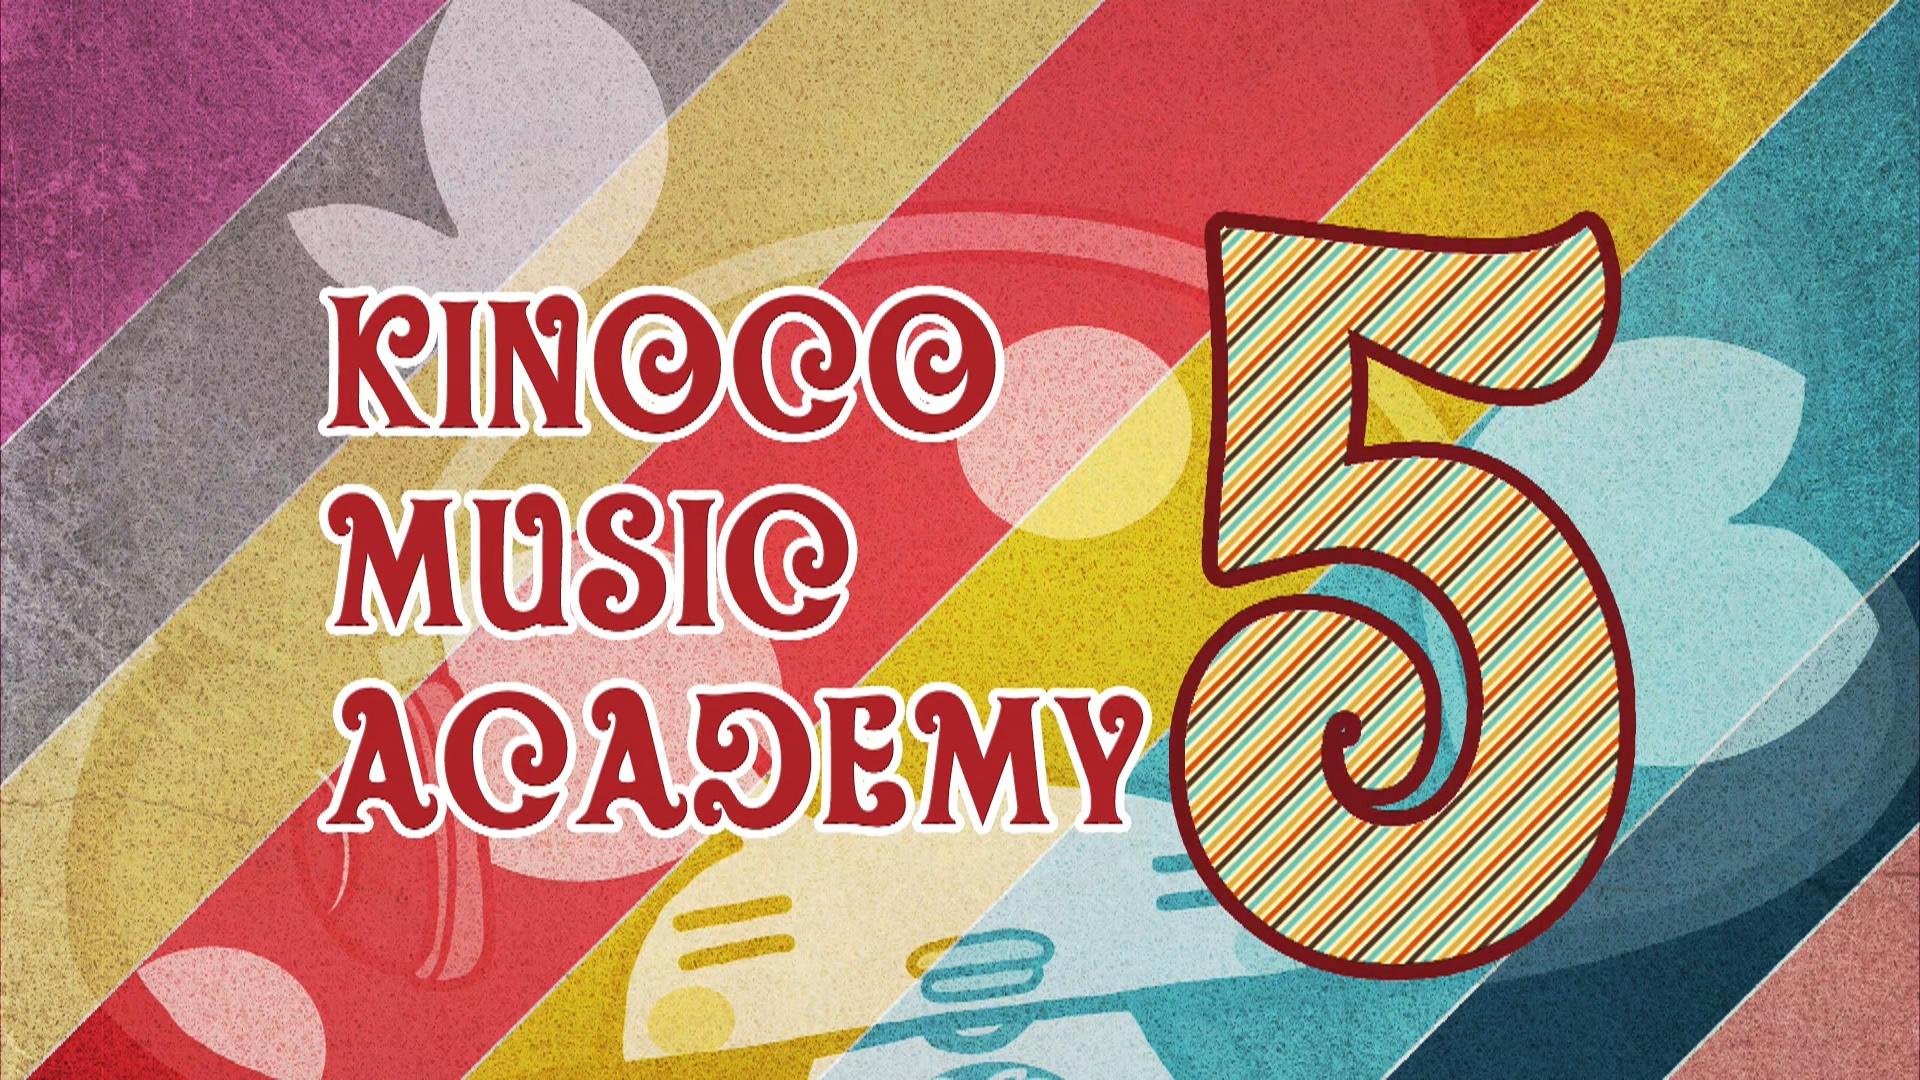 キノコ音学校 第5回 セミナー&ライブ 「モータウンの世界」